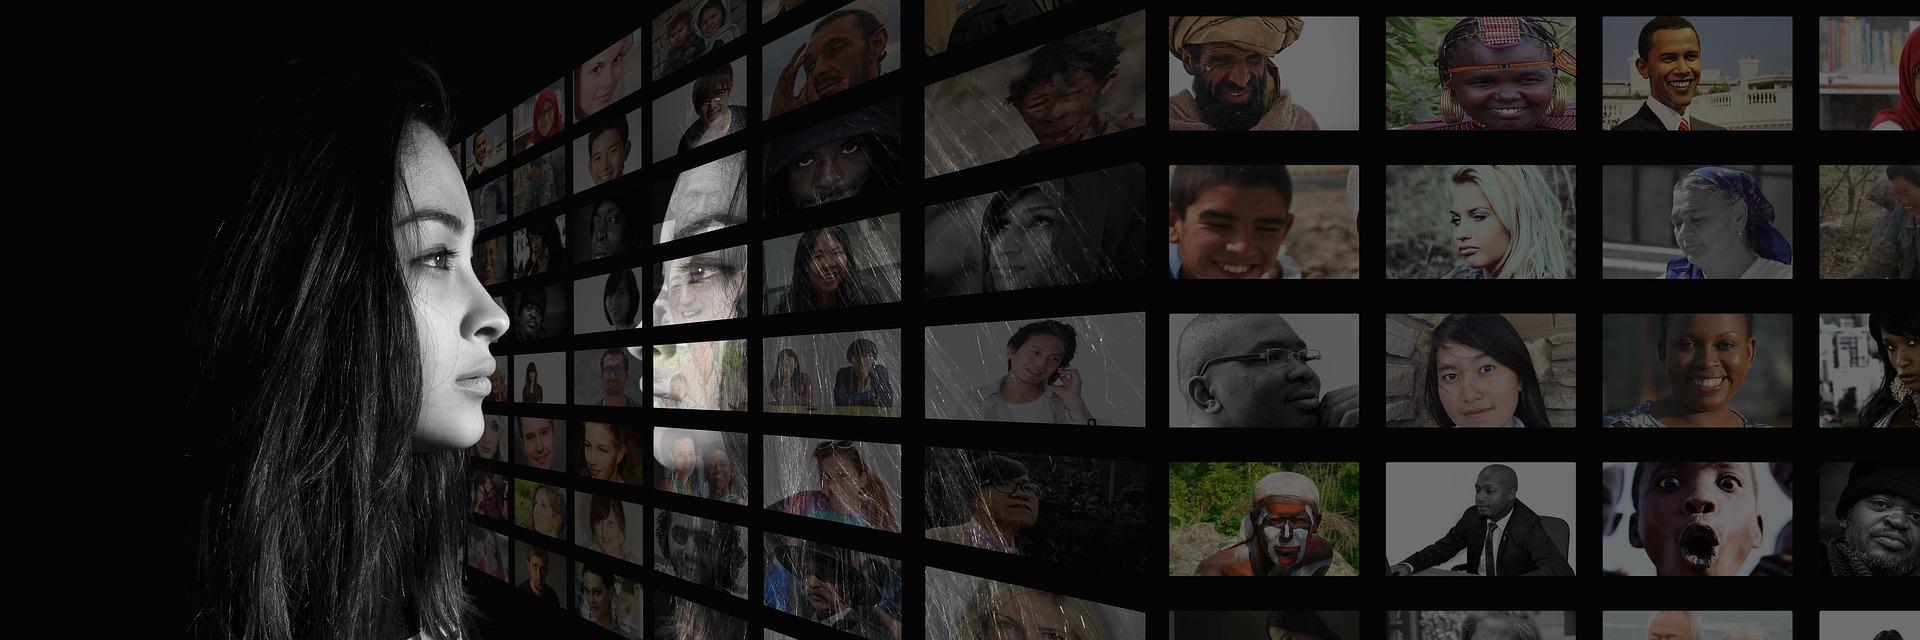 donna che guarda una serie di monitor